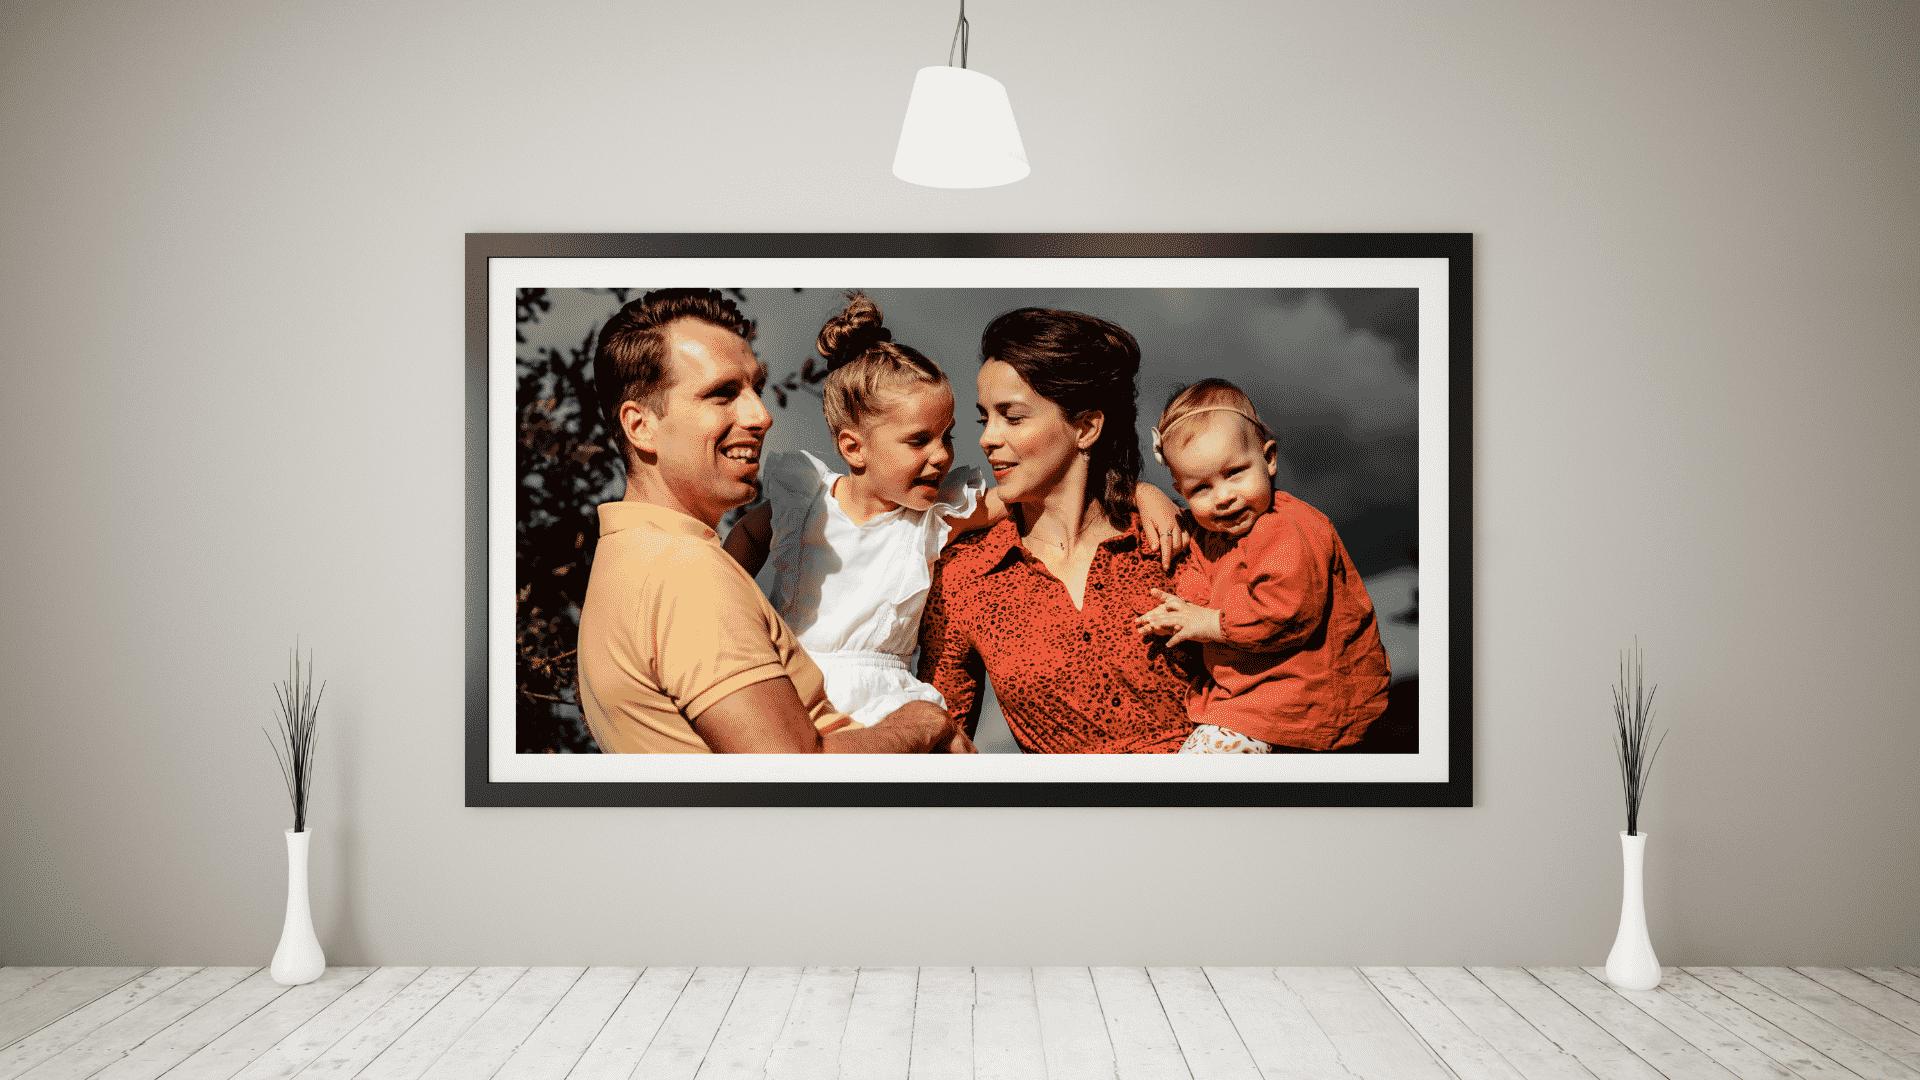 Canvas foto van gezin aan de muur door Eppelicious